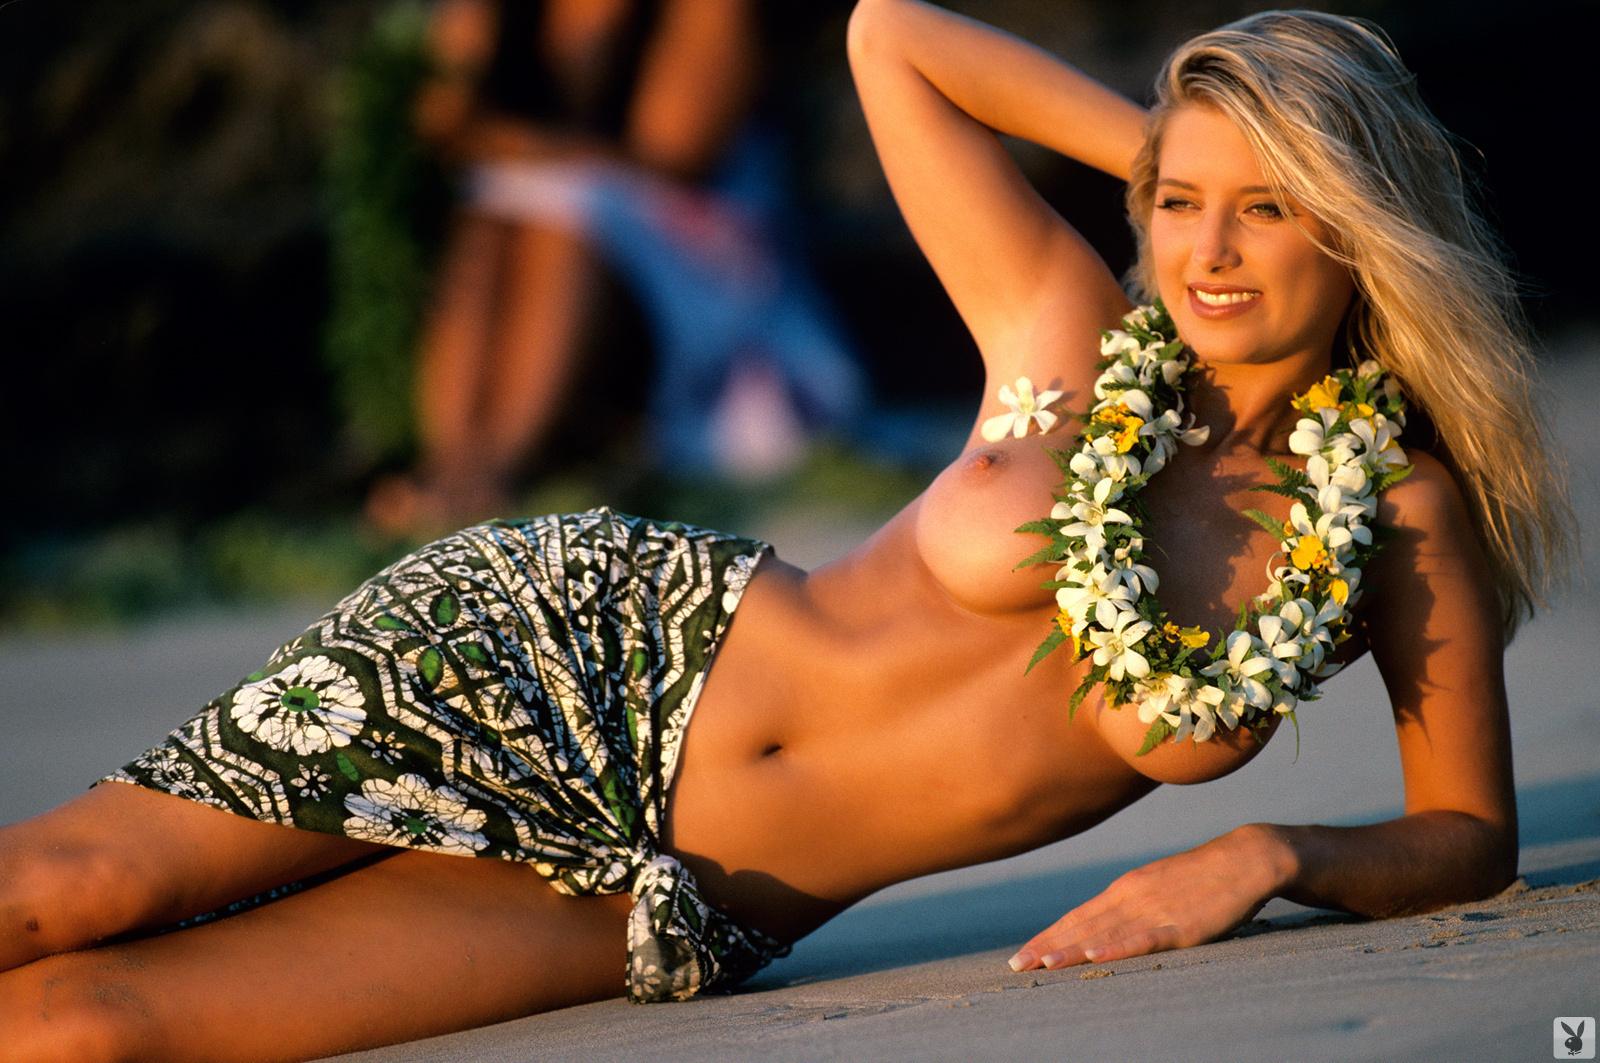 foriegn brides bikini photos